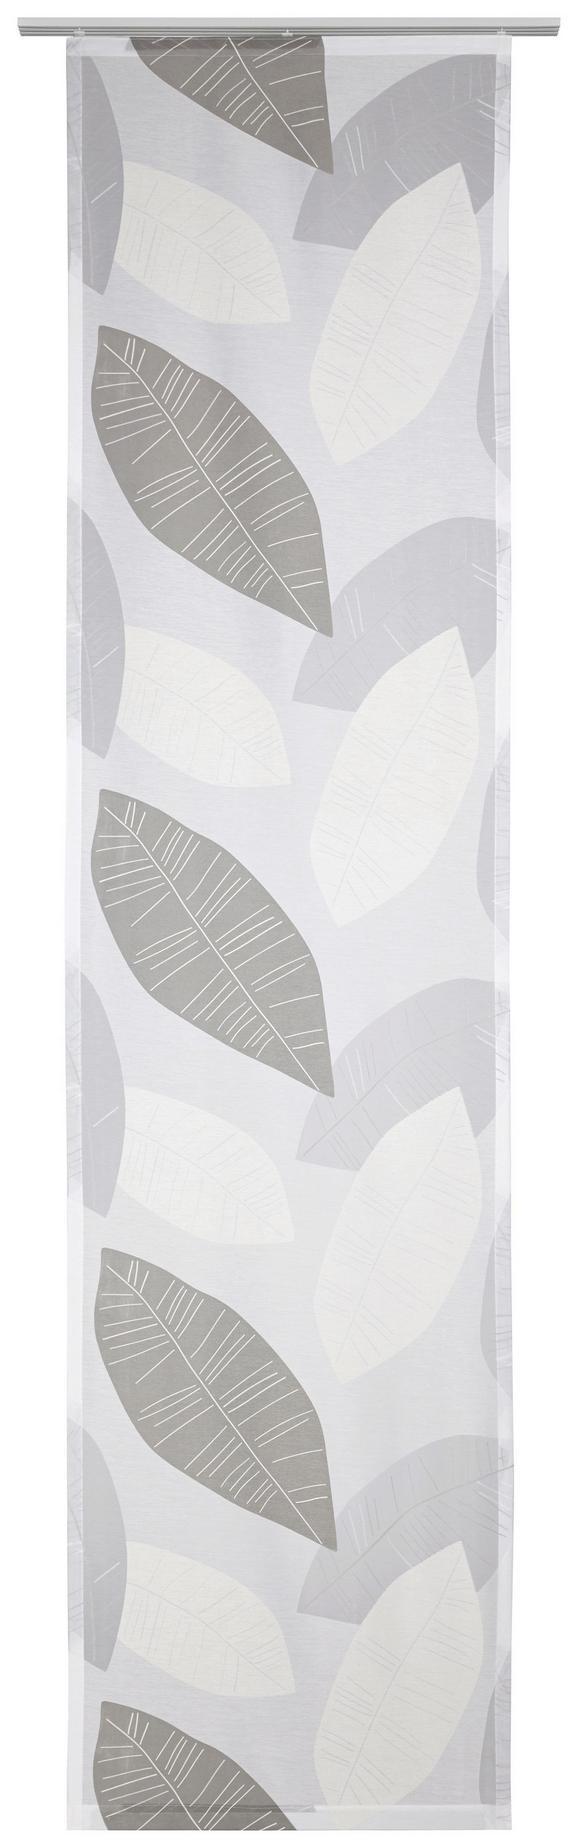 Lapfüggöny Anna - Fehér/Ezüst, modern, Textil (60/245cm) - Mömax modern living